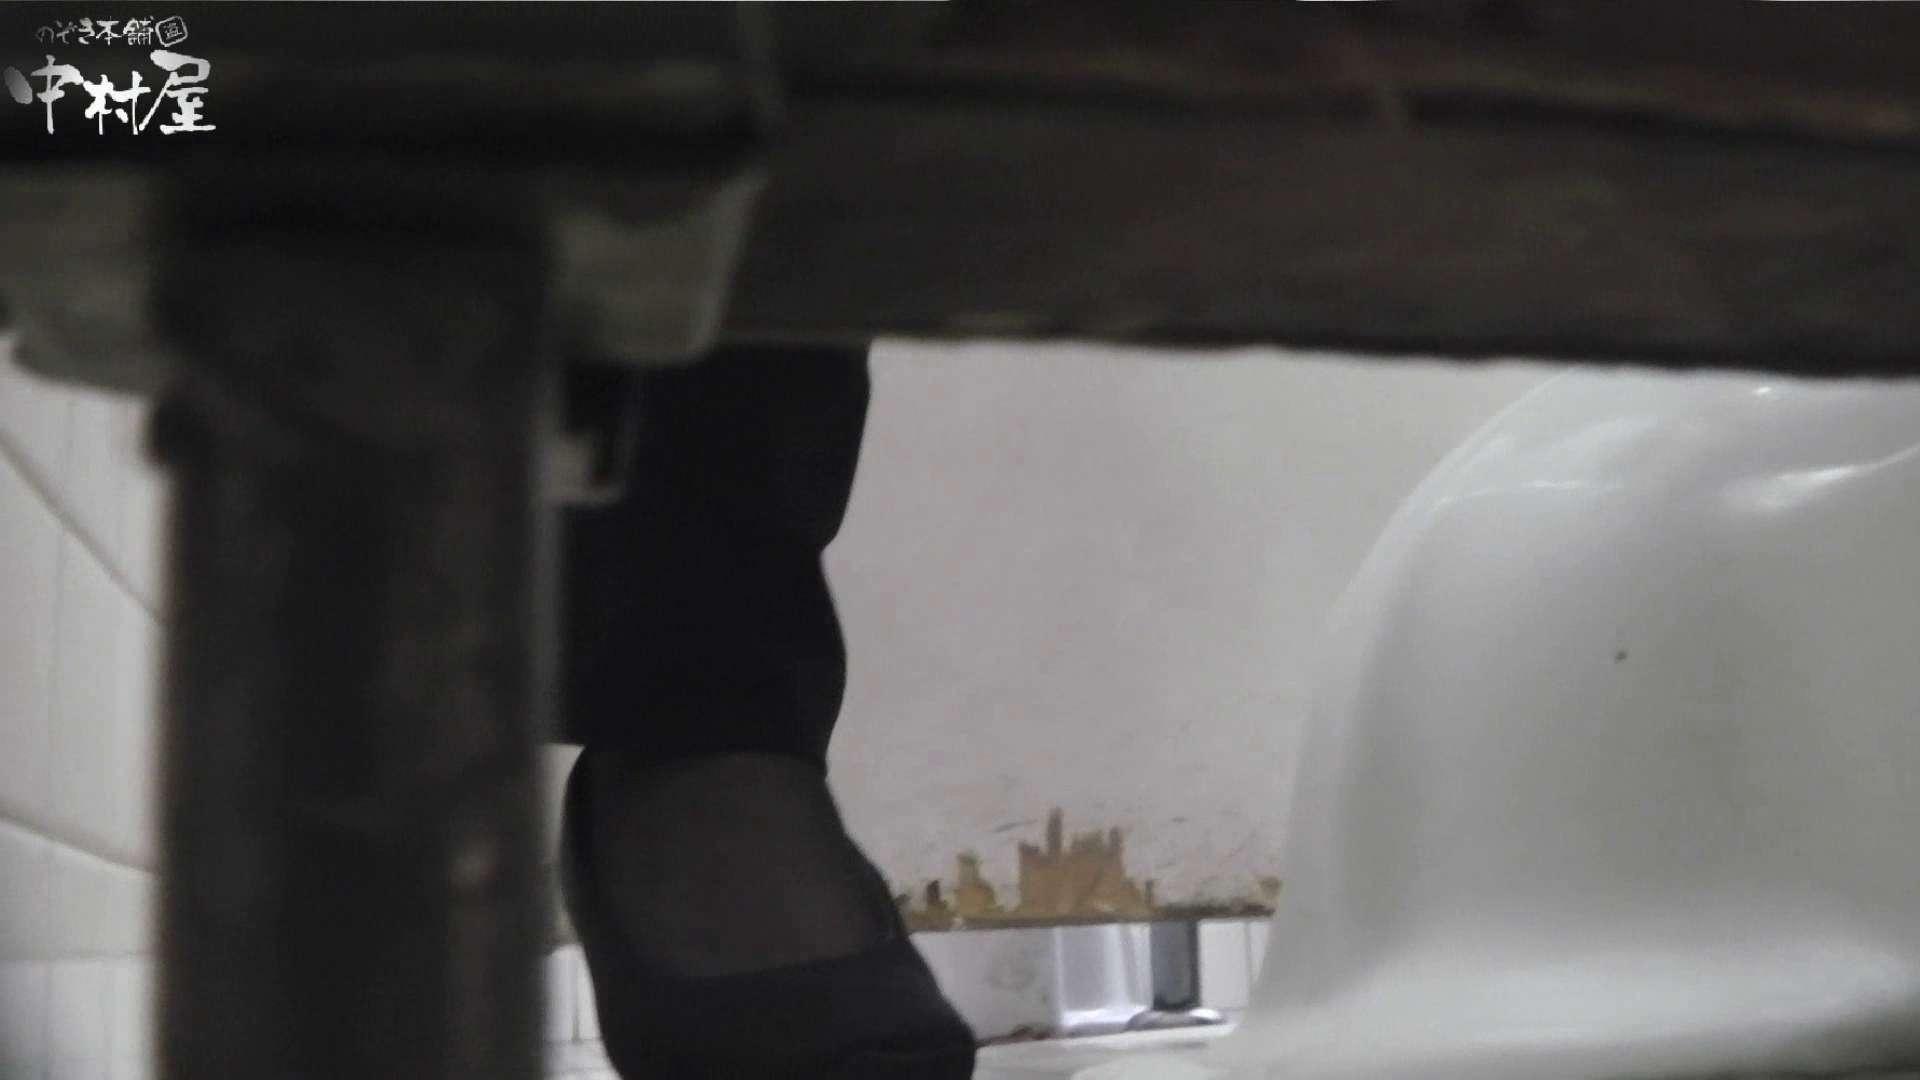 vol.52 命がけ潜伏洗面所! ピアノが上手そうなおねぃさんは剛毛な件 OLエロ画像 覗きワレメ動画紹介 112PICs 38